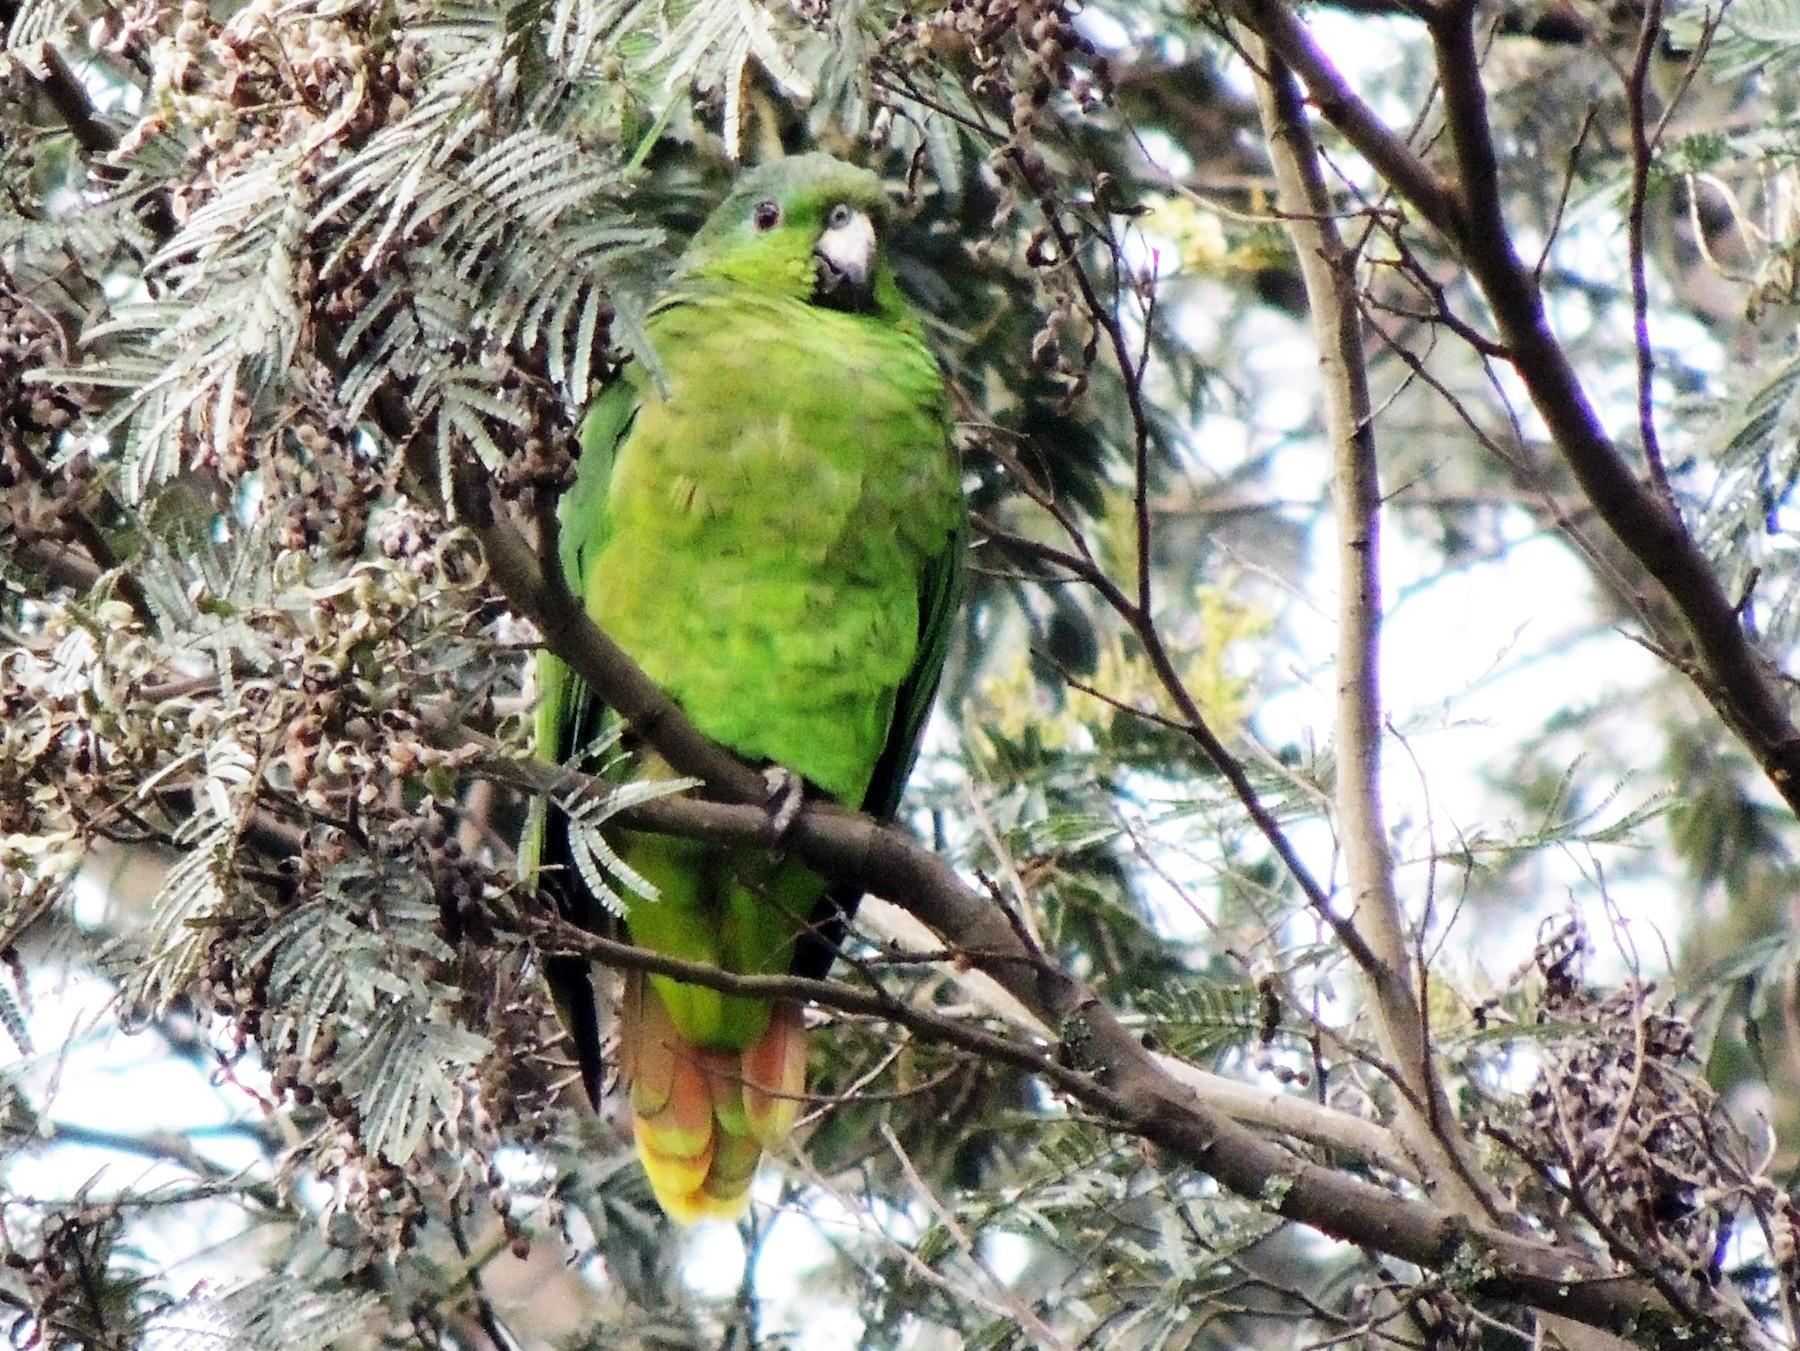 Scaly-naped Parrot - Adalberto Quiroga Villada